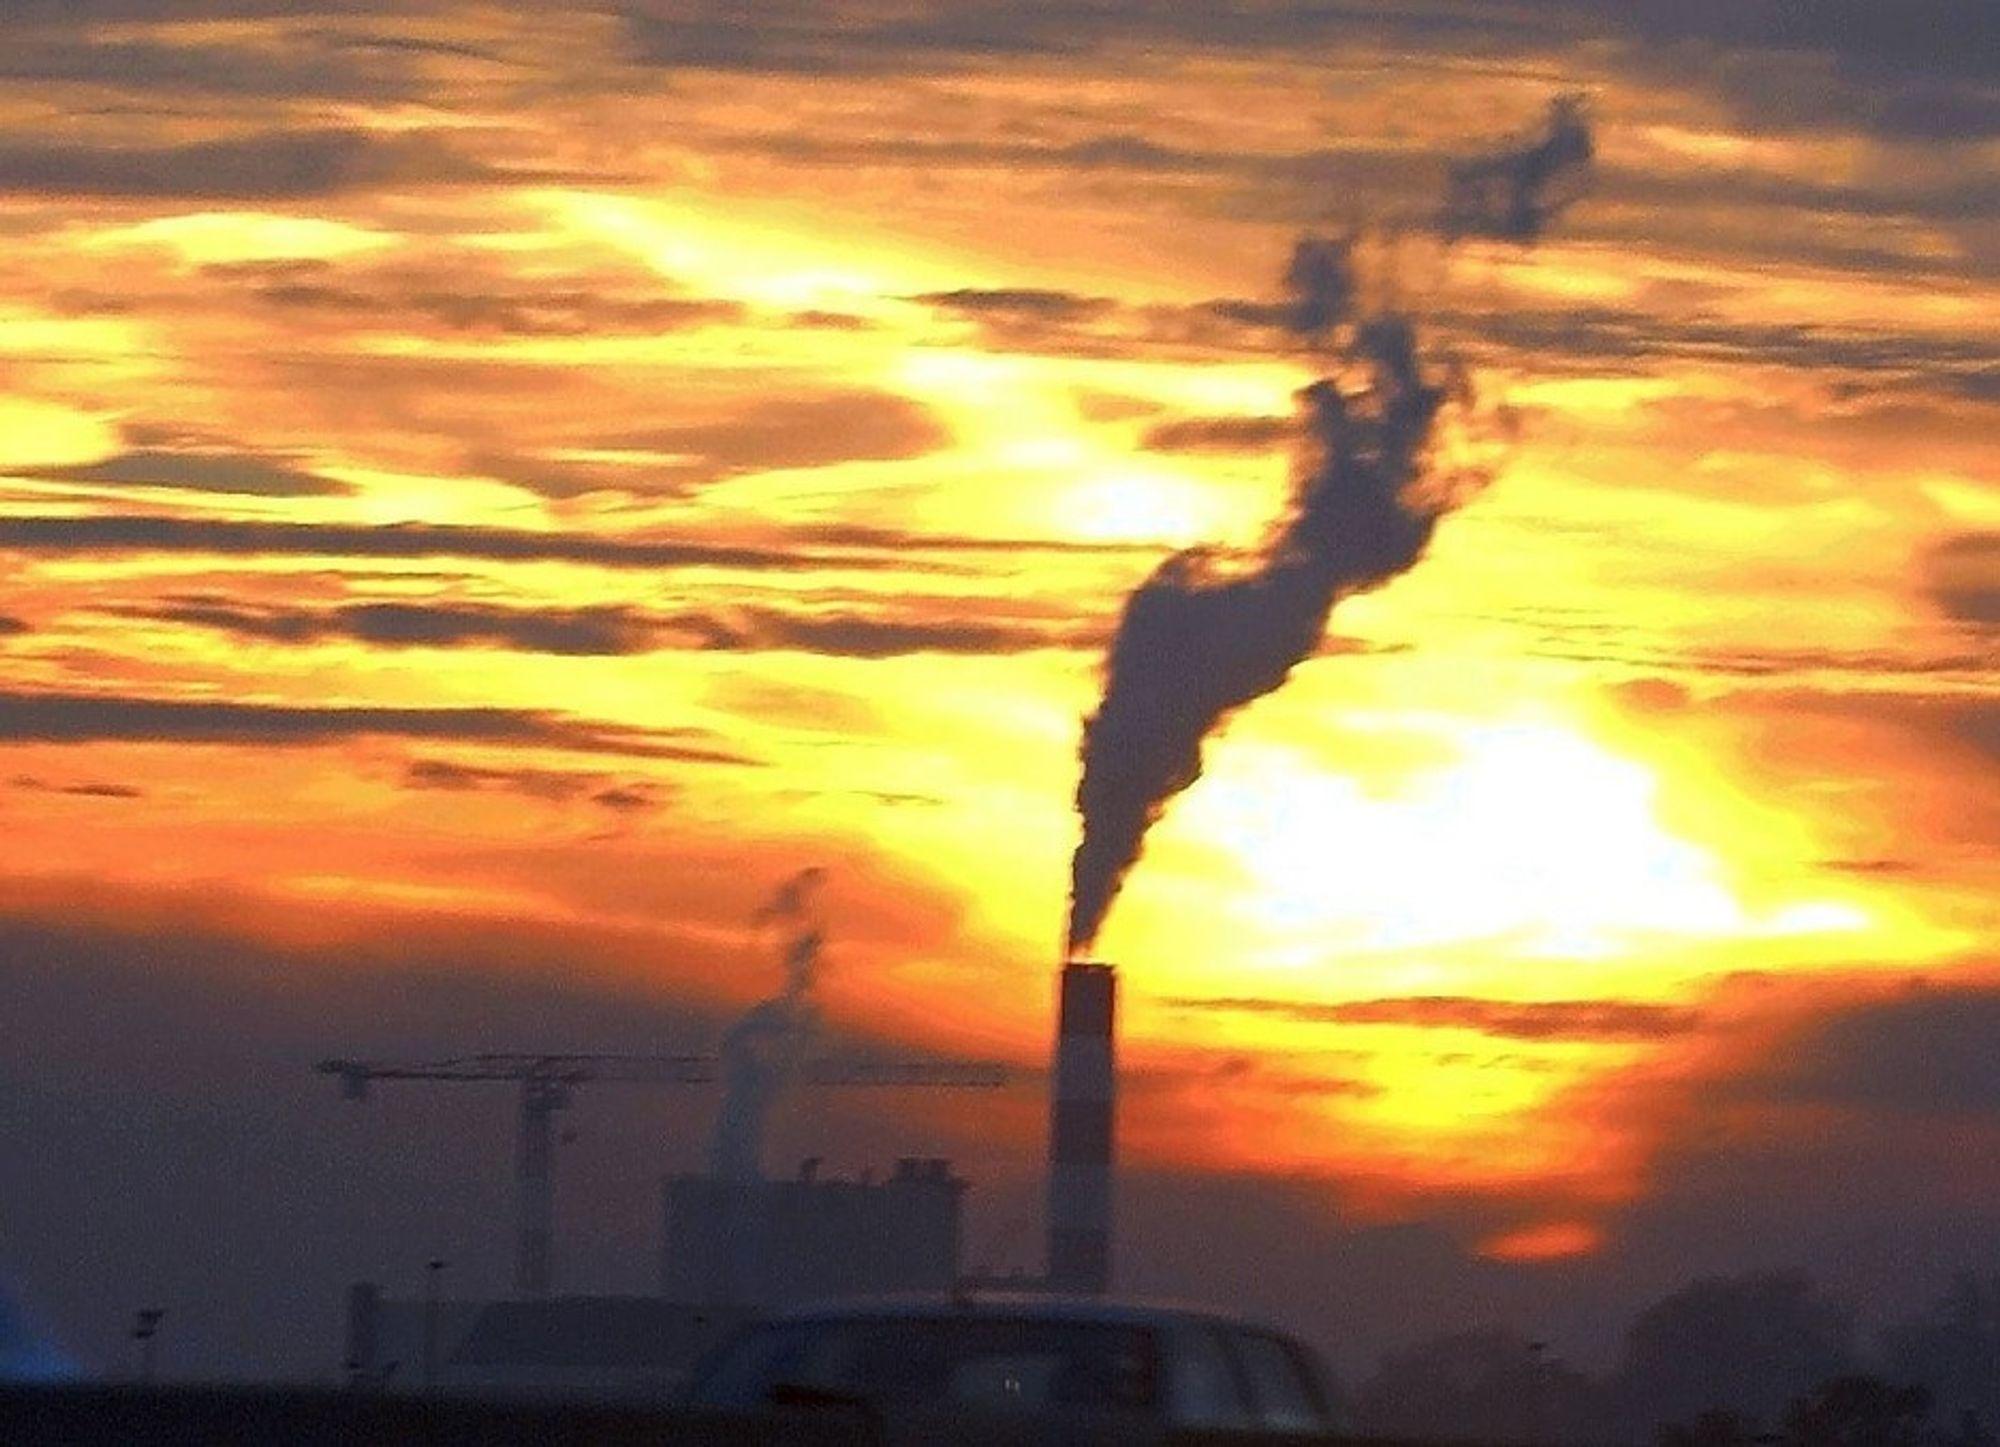 UTSLIPP. Studenter bryner seg på miljøvern i verdensomspennende teknologikonkurranse.